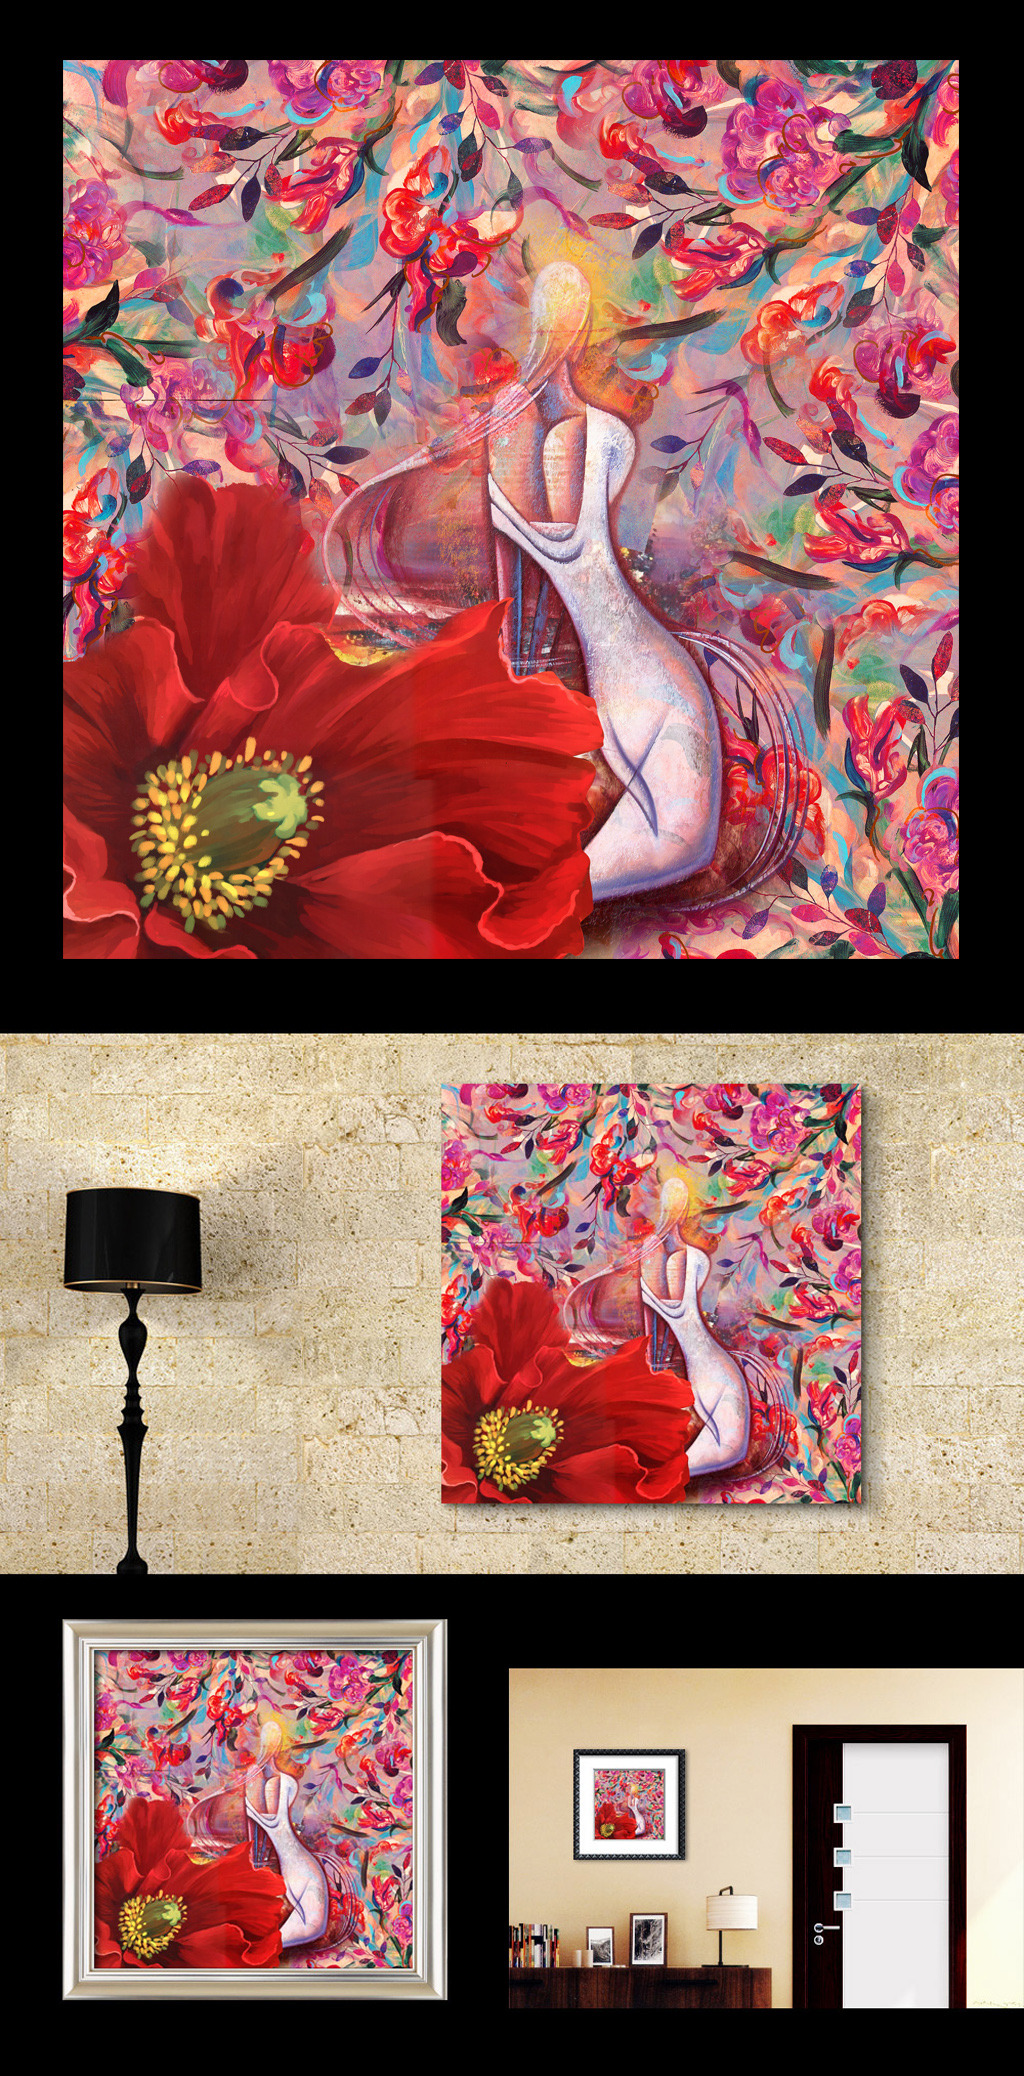 高清手绘复古抽象印象派欧美油画